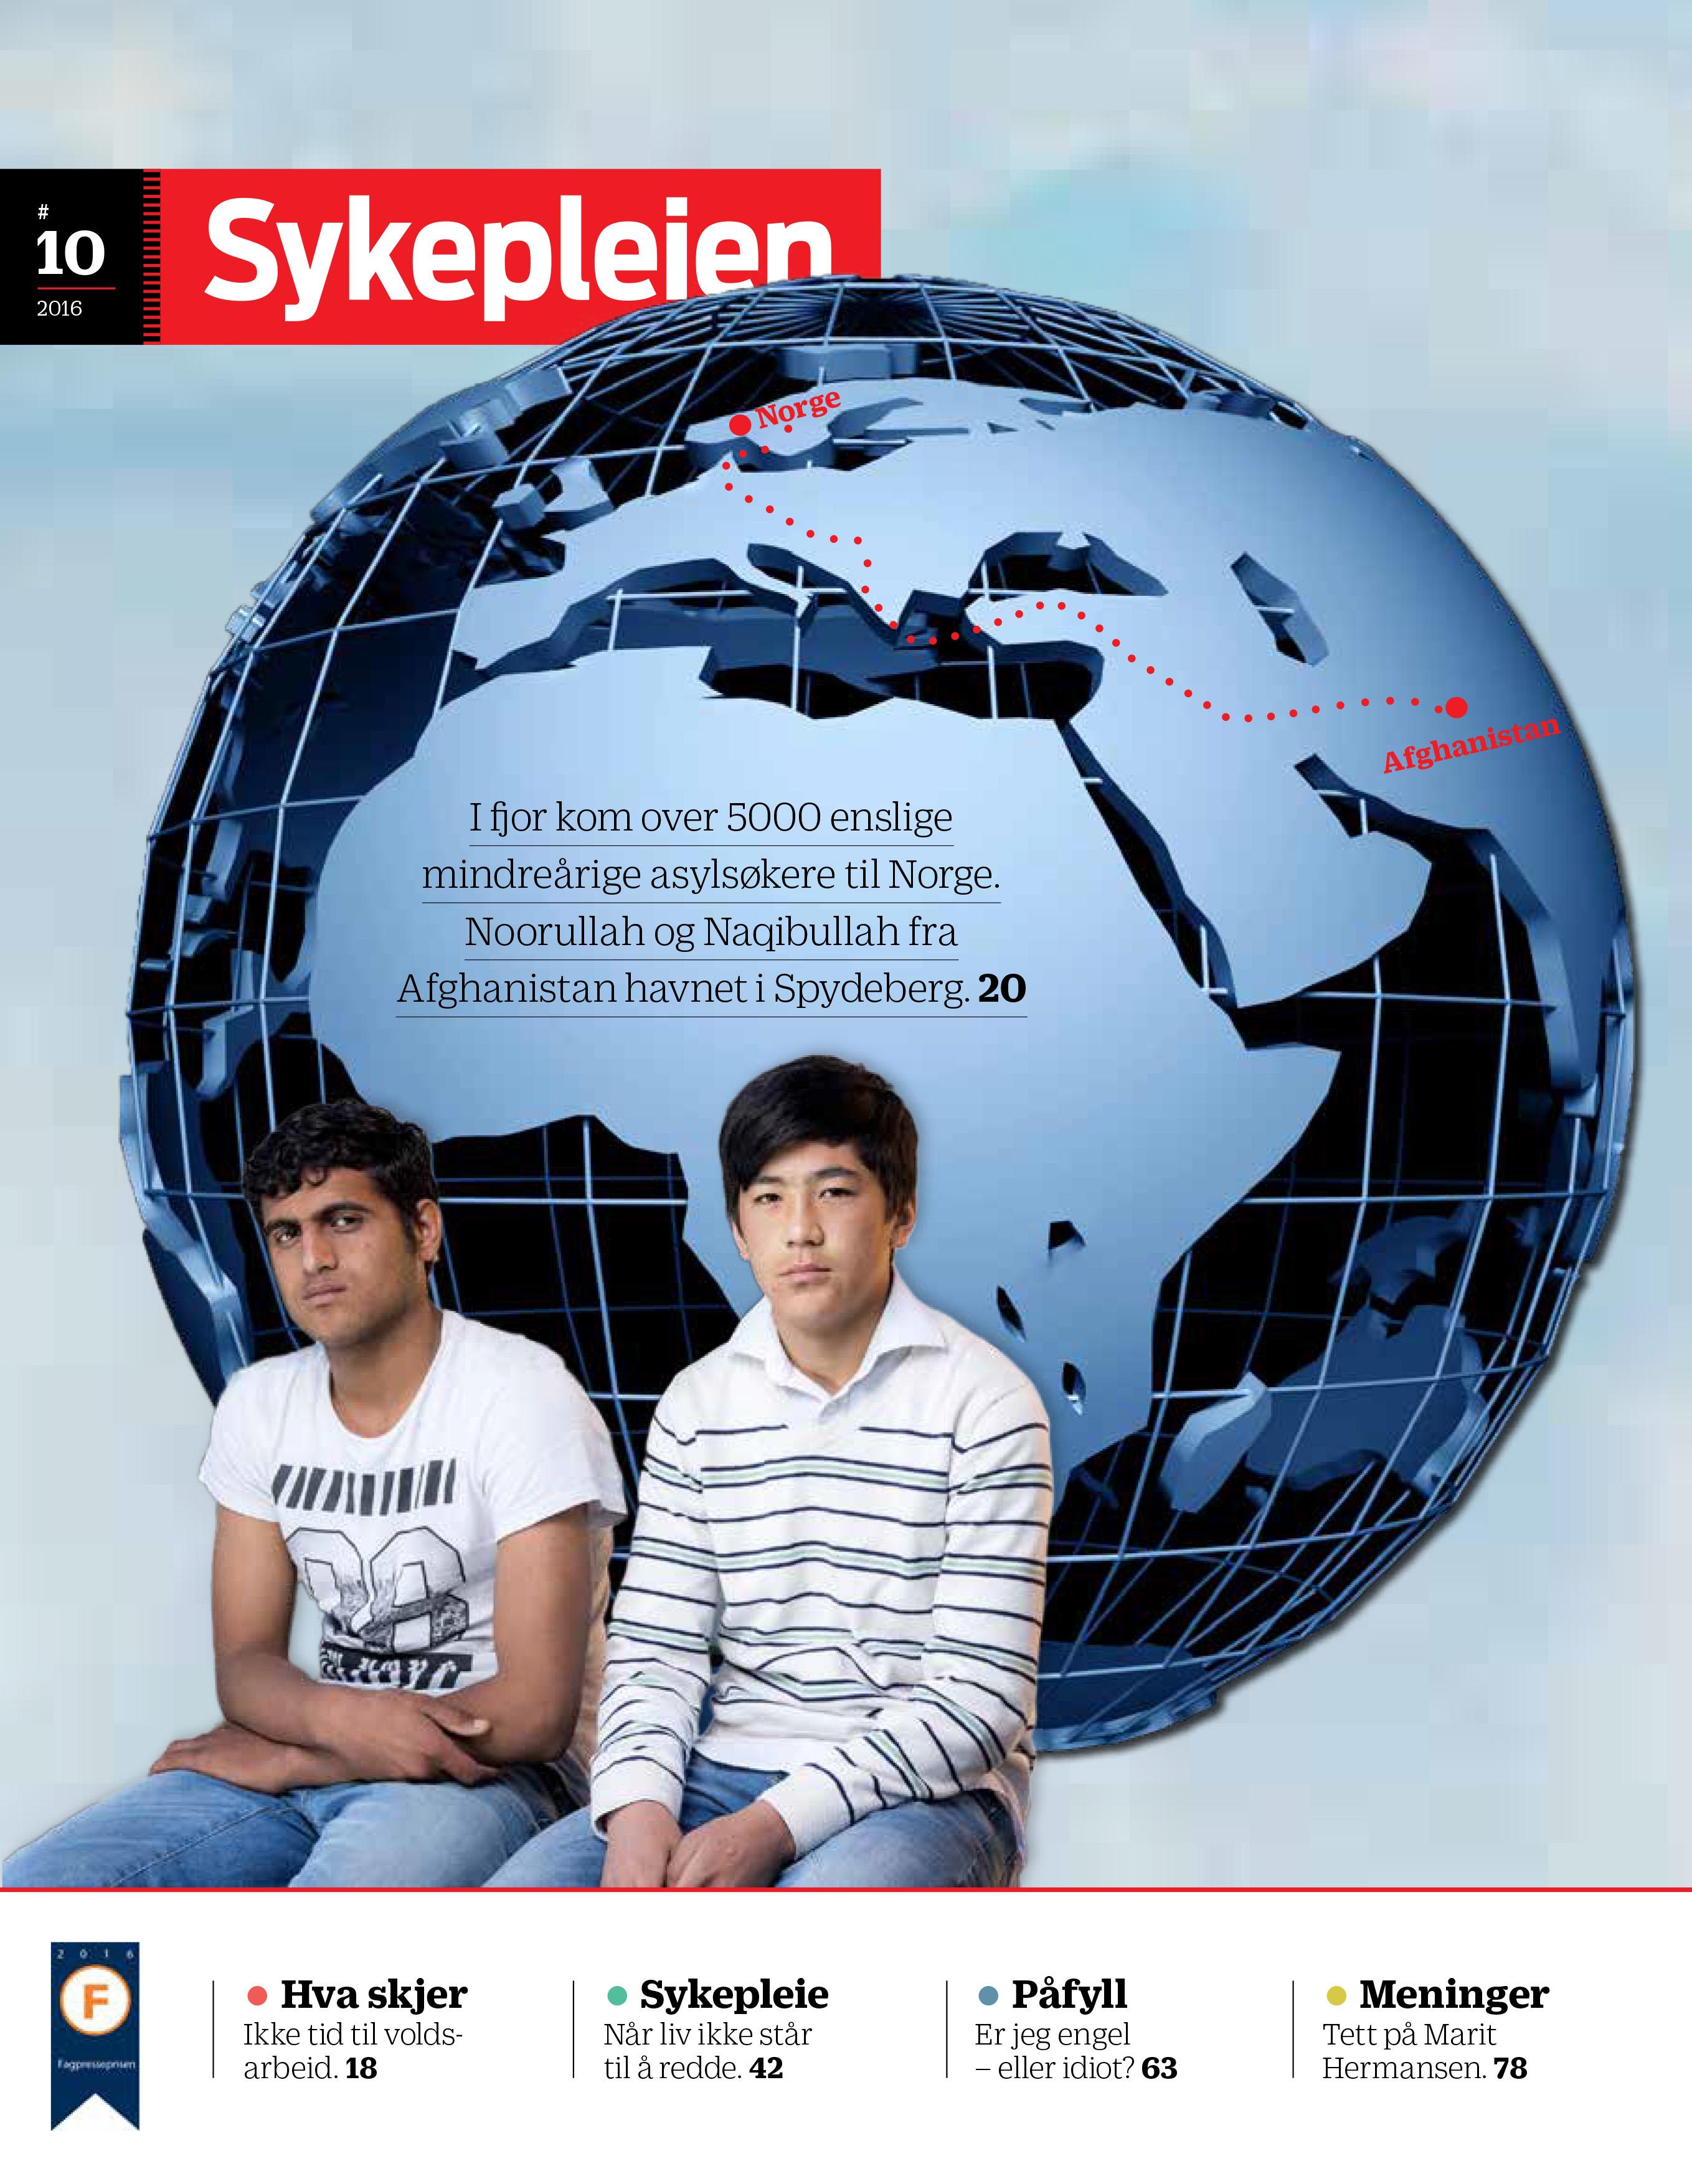 Forsiden til Sykepleien 10/2016